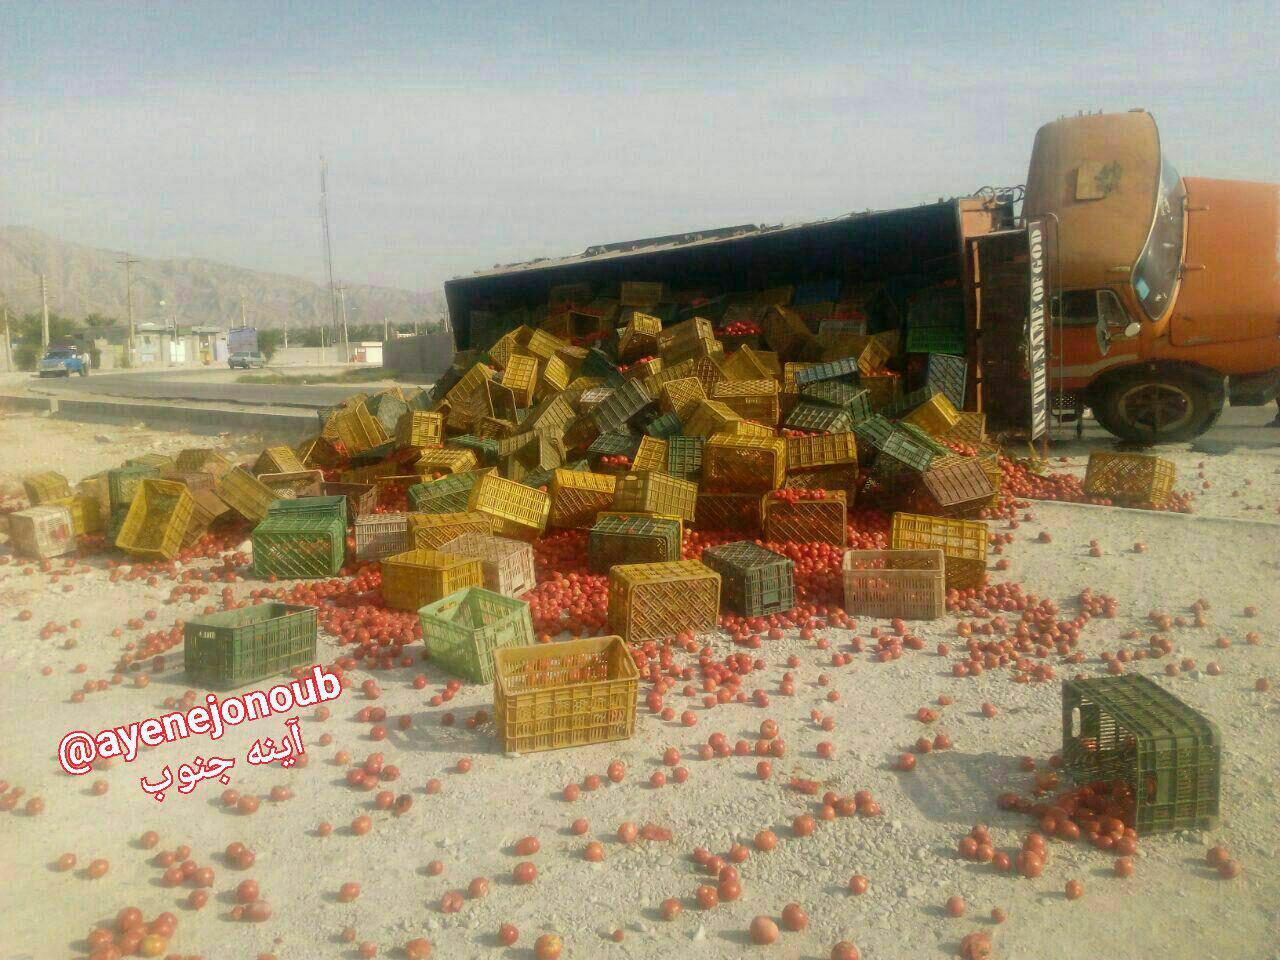 واژگونی کامیون حامل گوجه فرنگی (عکس)